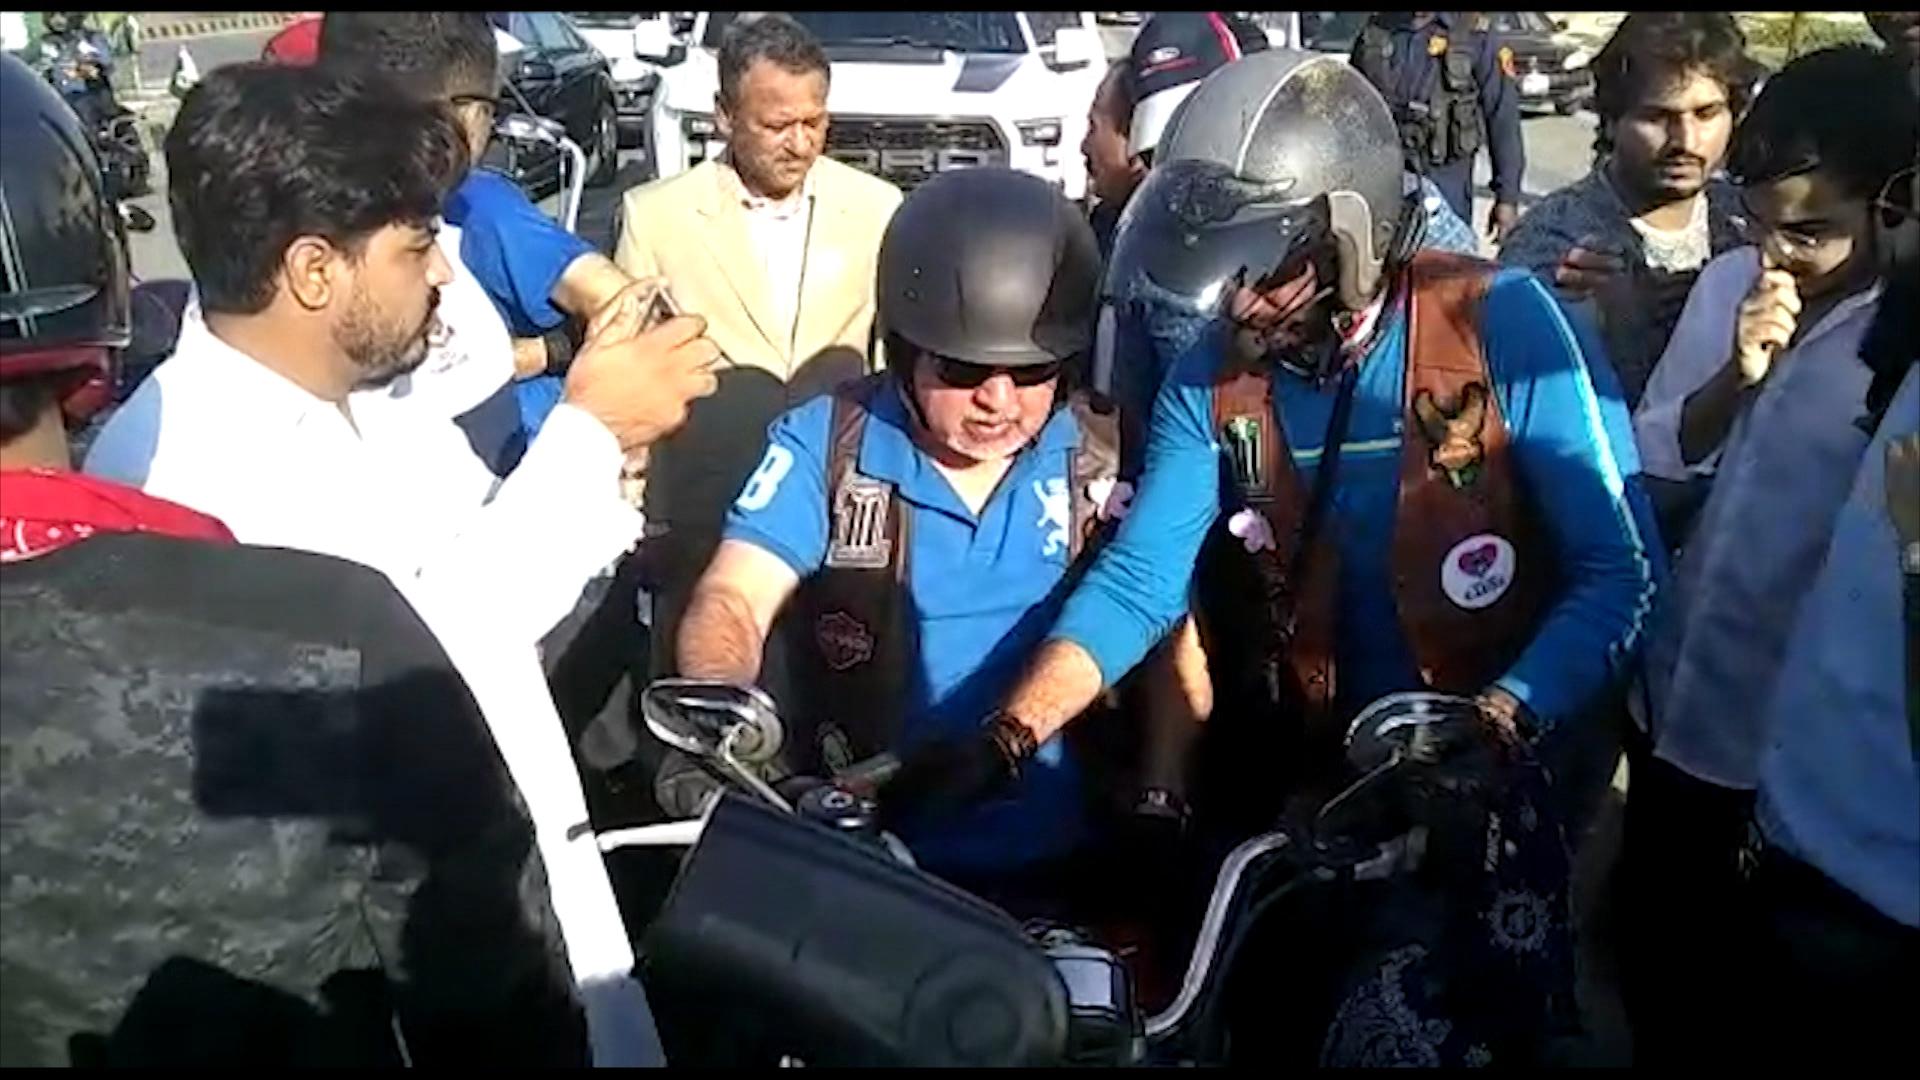 کراچی میں کینسر سے متعلق آگاہی دینے کیلئے ہیوی بائیک ریلی کا انعقاد